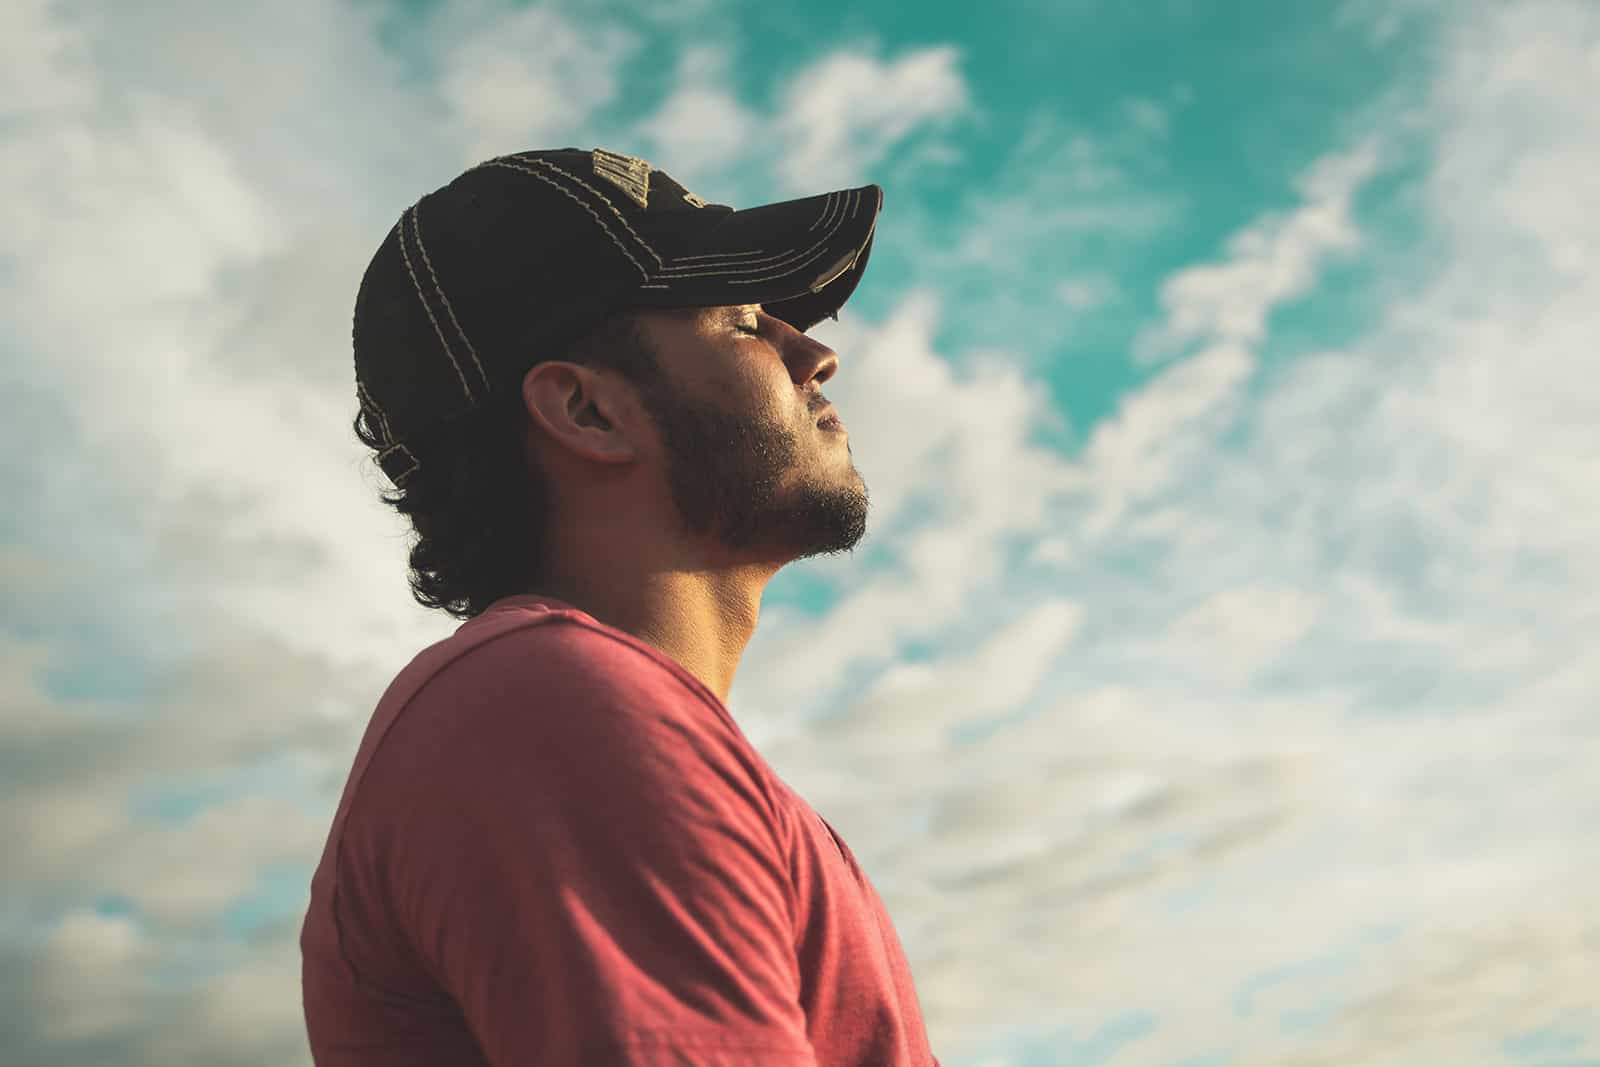 Ein Mann drehte mit geschlossenen Augen den Kopf zum Himmel